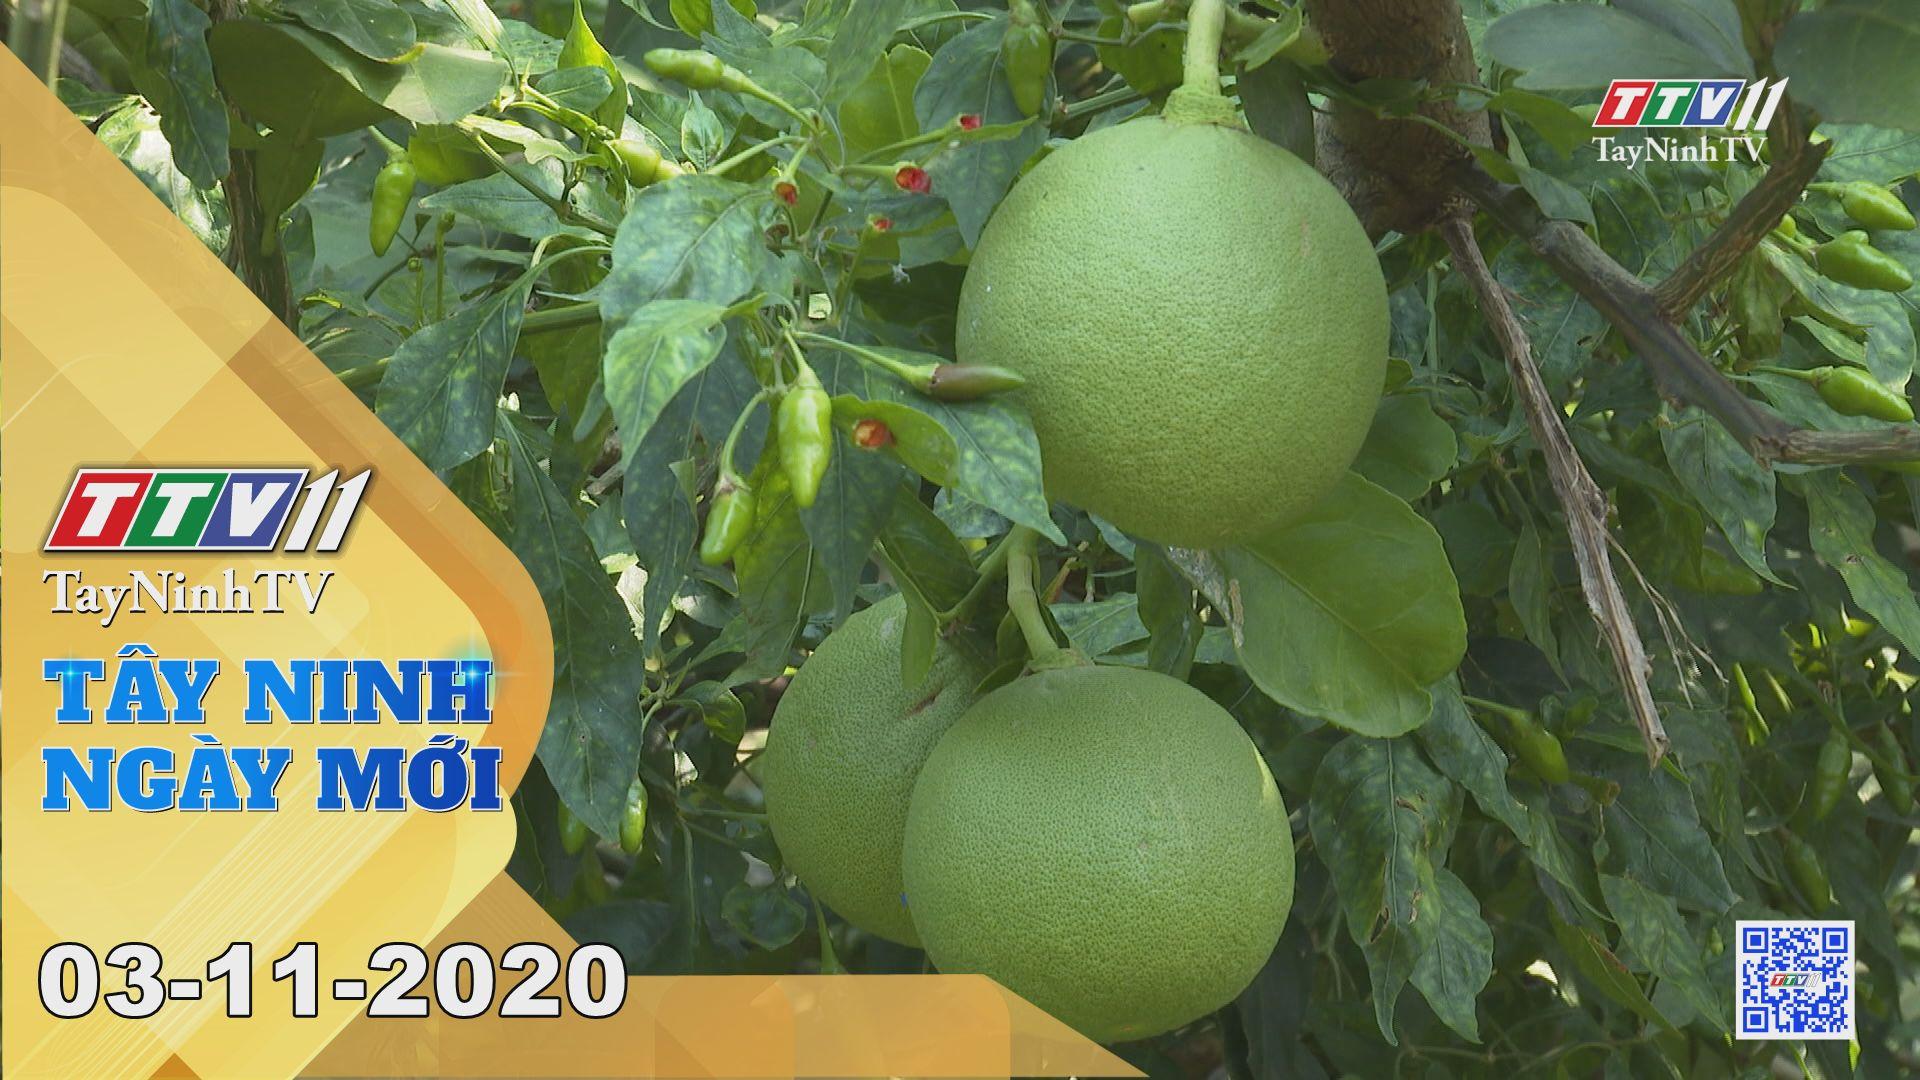 Tây Ninh Ngày Mới 03-11-2020 | Tin tức hôm nay | TayNinhTV